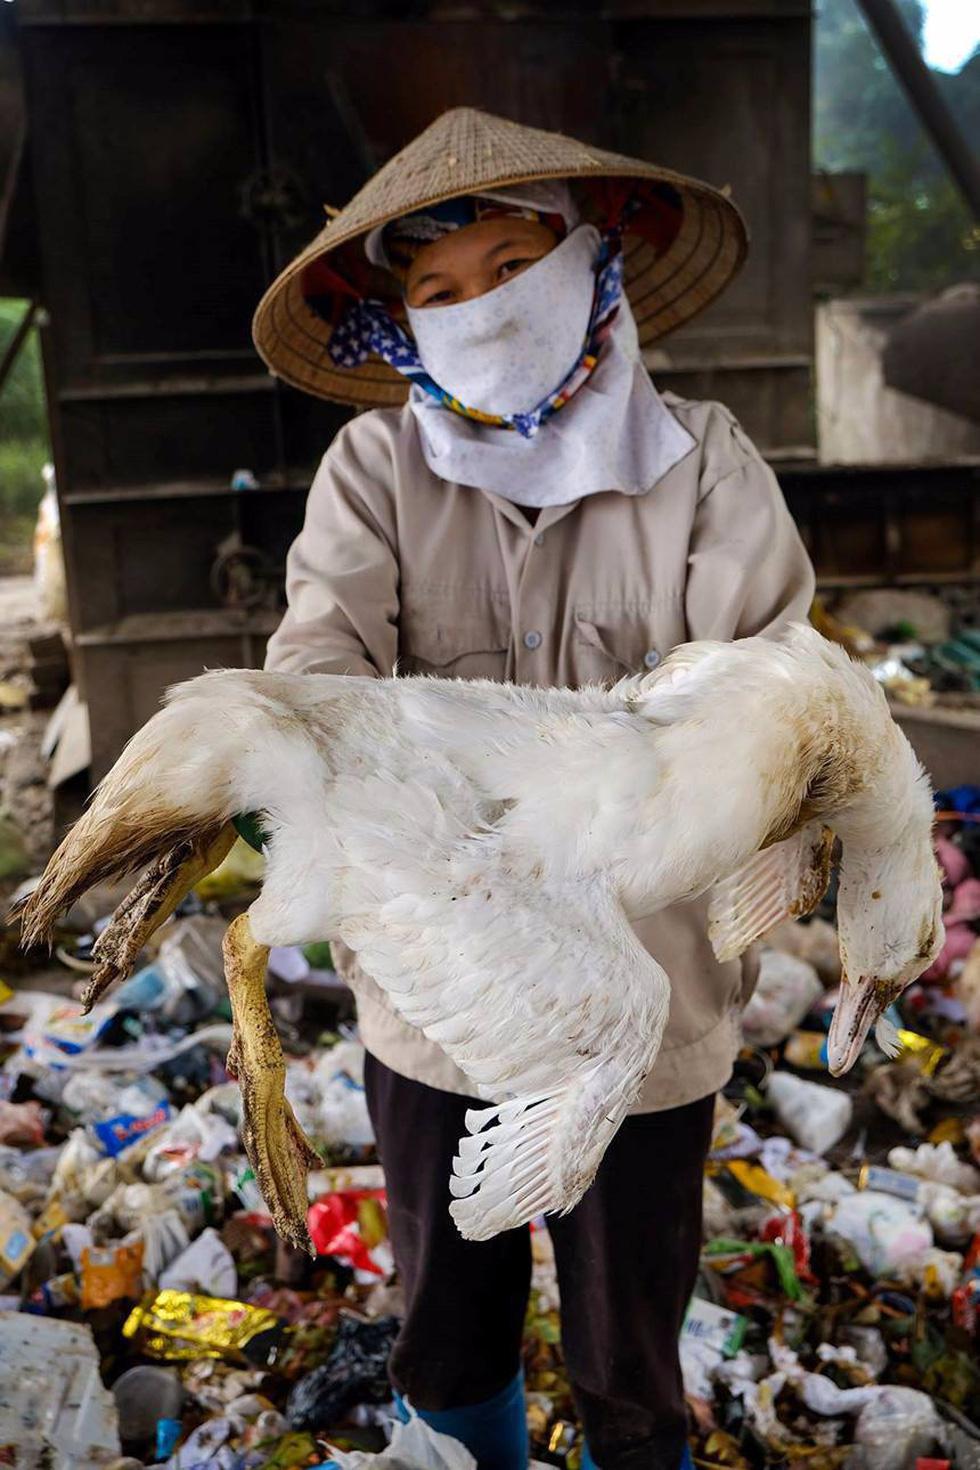 Đi xuyên Việt bằng xe máy chỉ để chụp... rác - Ảnh 8.